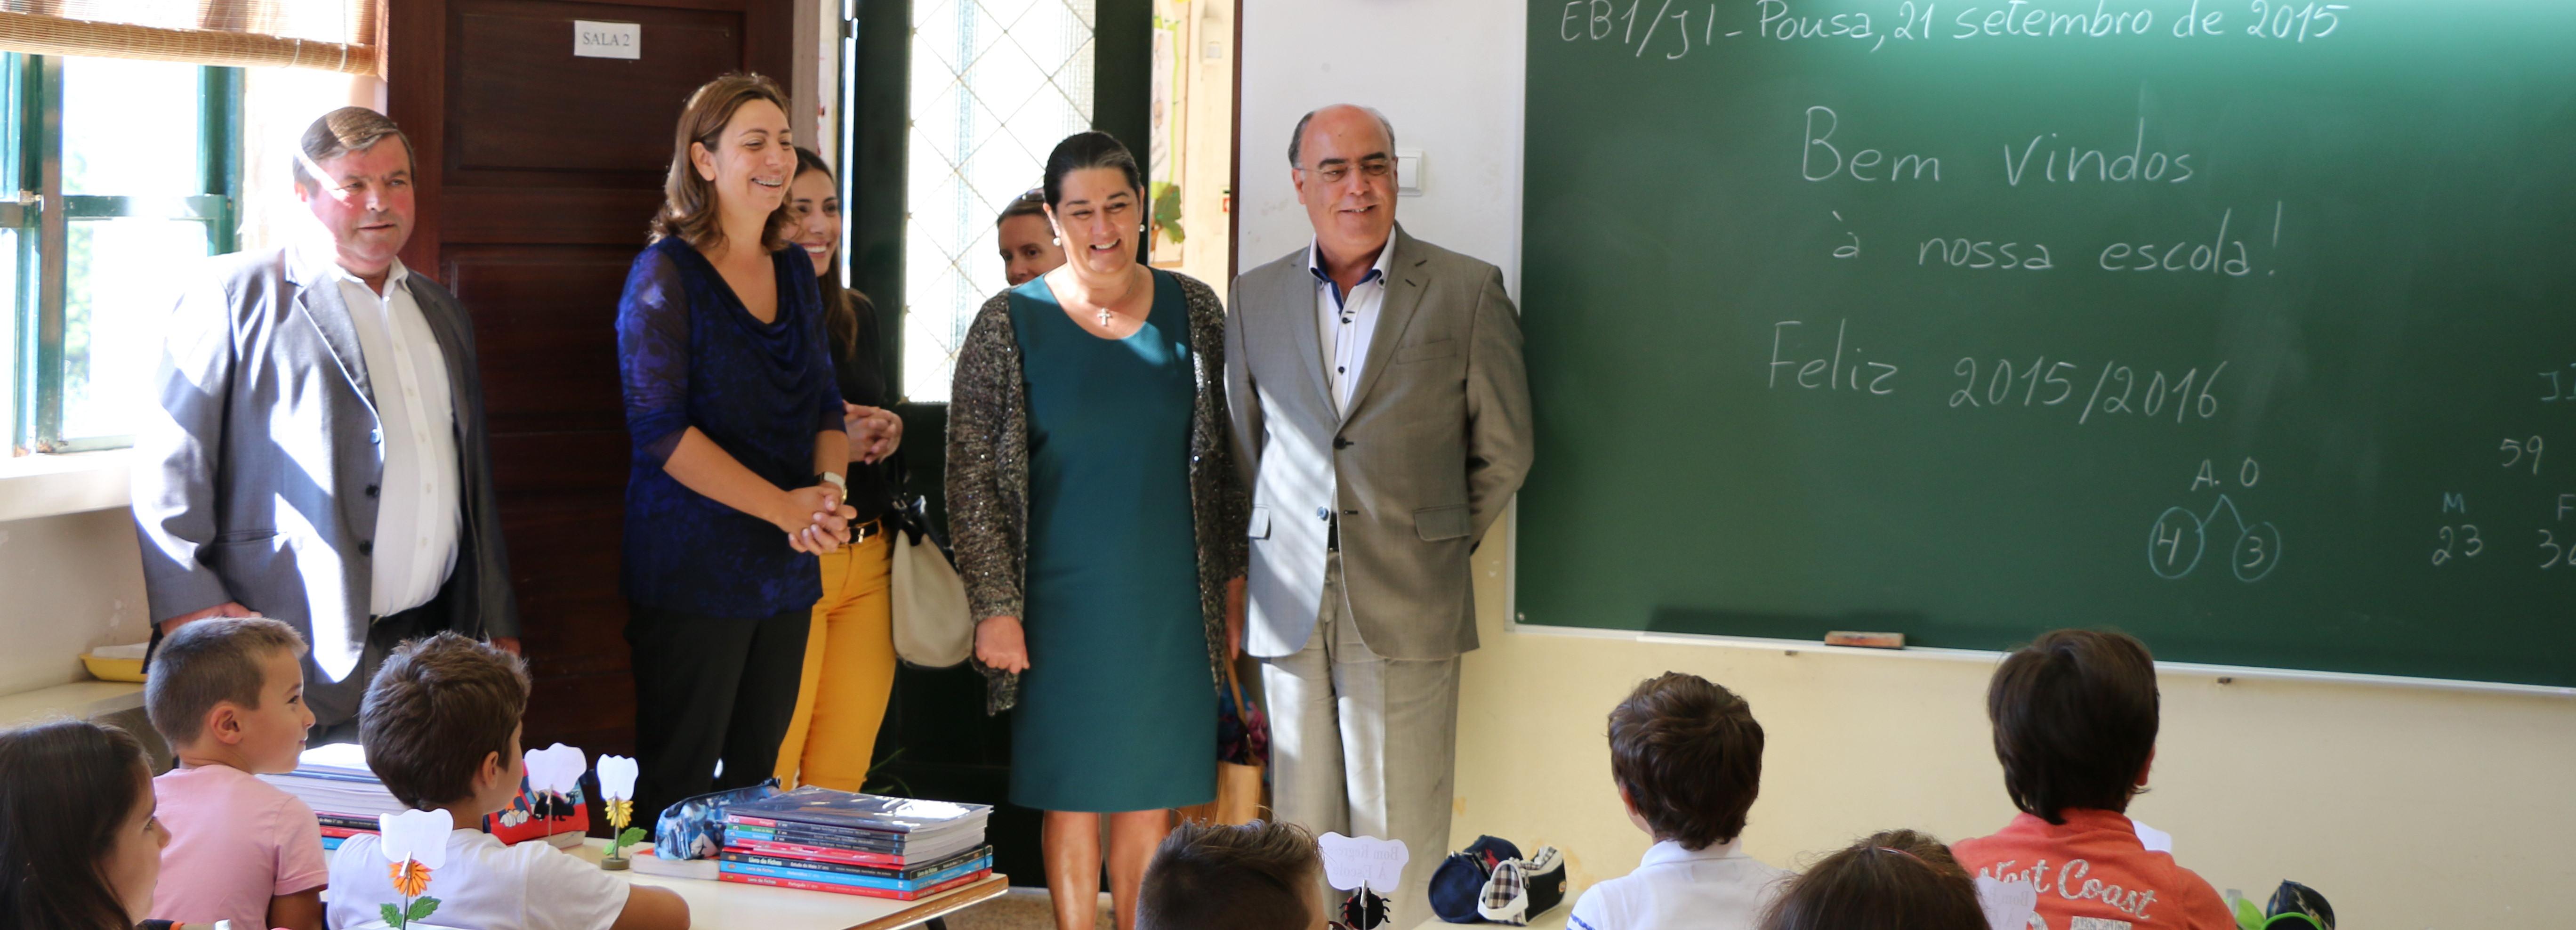 Câmara Municipal de Barcelos assinala abertura do ano letivo na Escola EB1/JI da Pousa